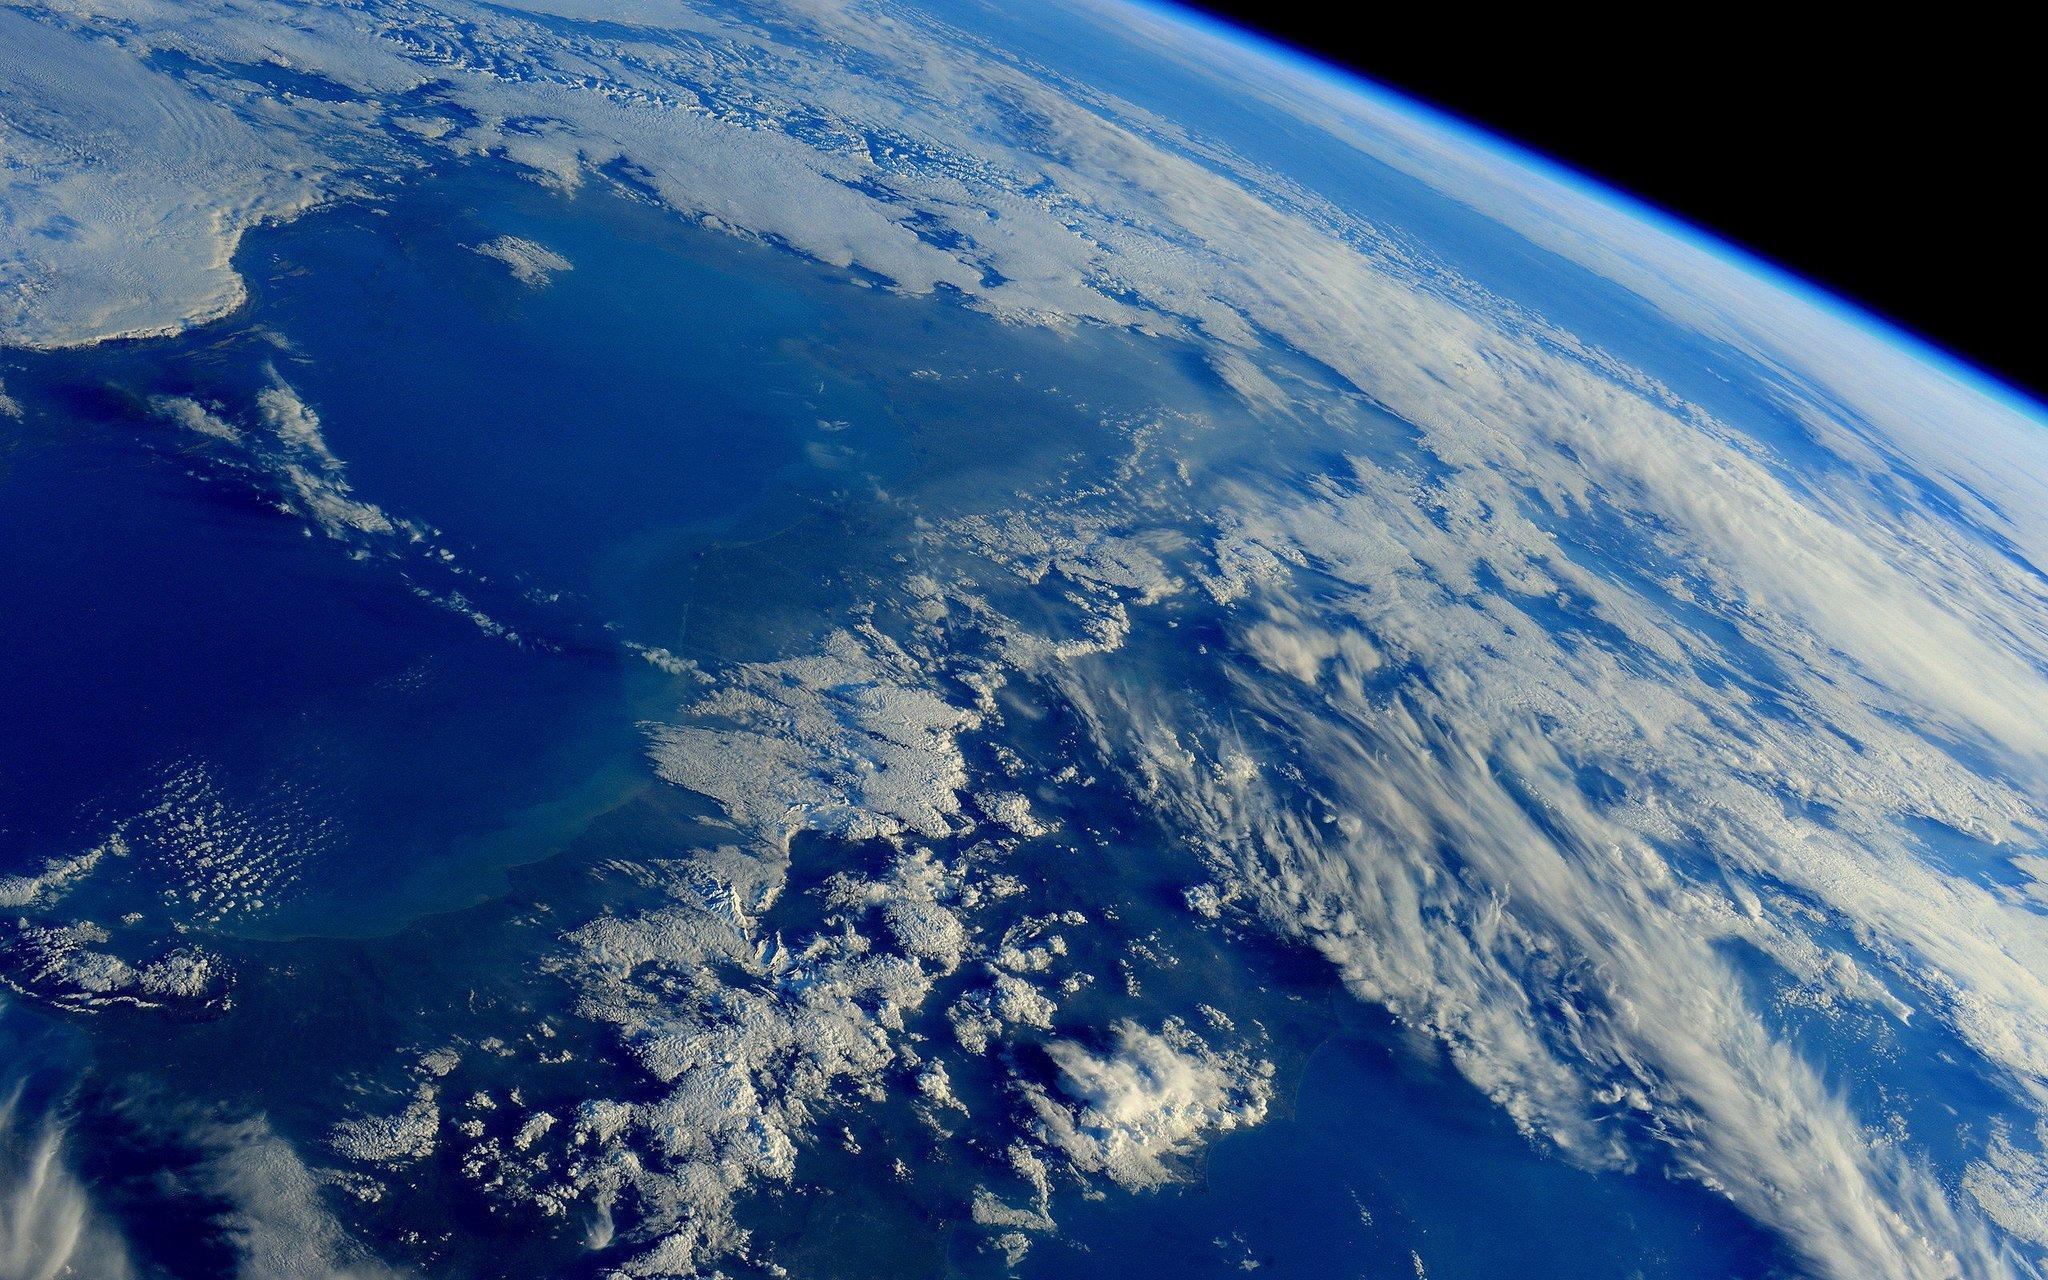 Почему нельзя загрузить фото на планета земля табаку это